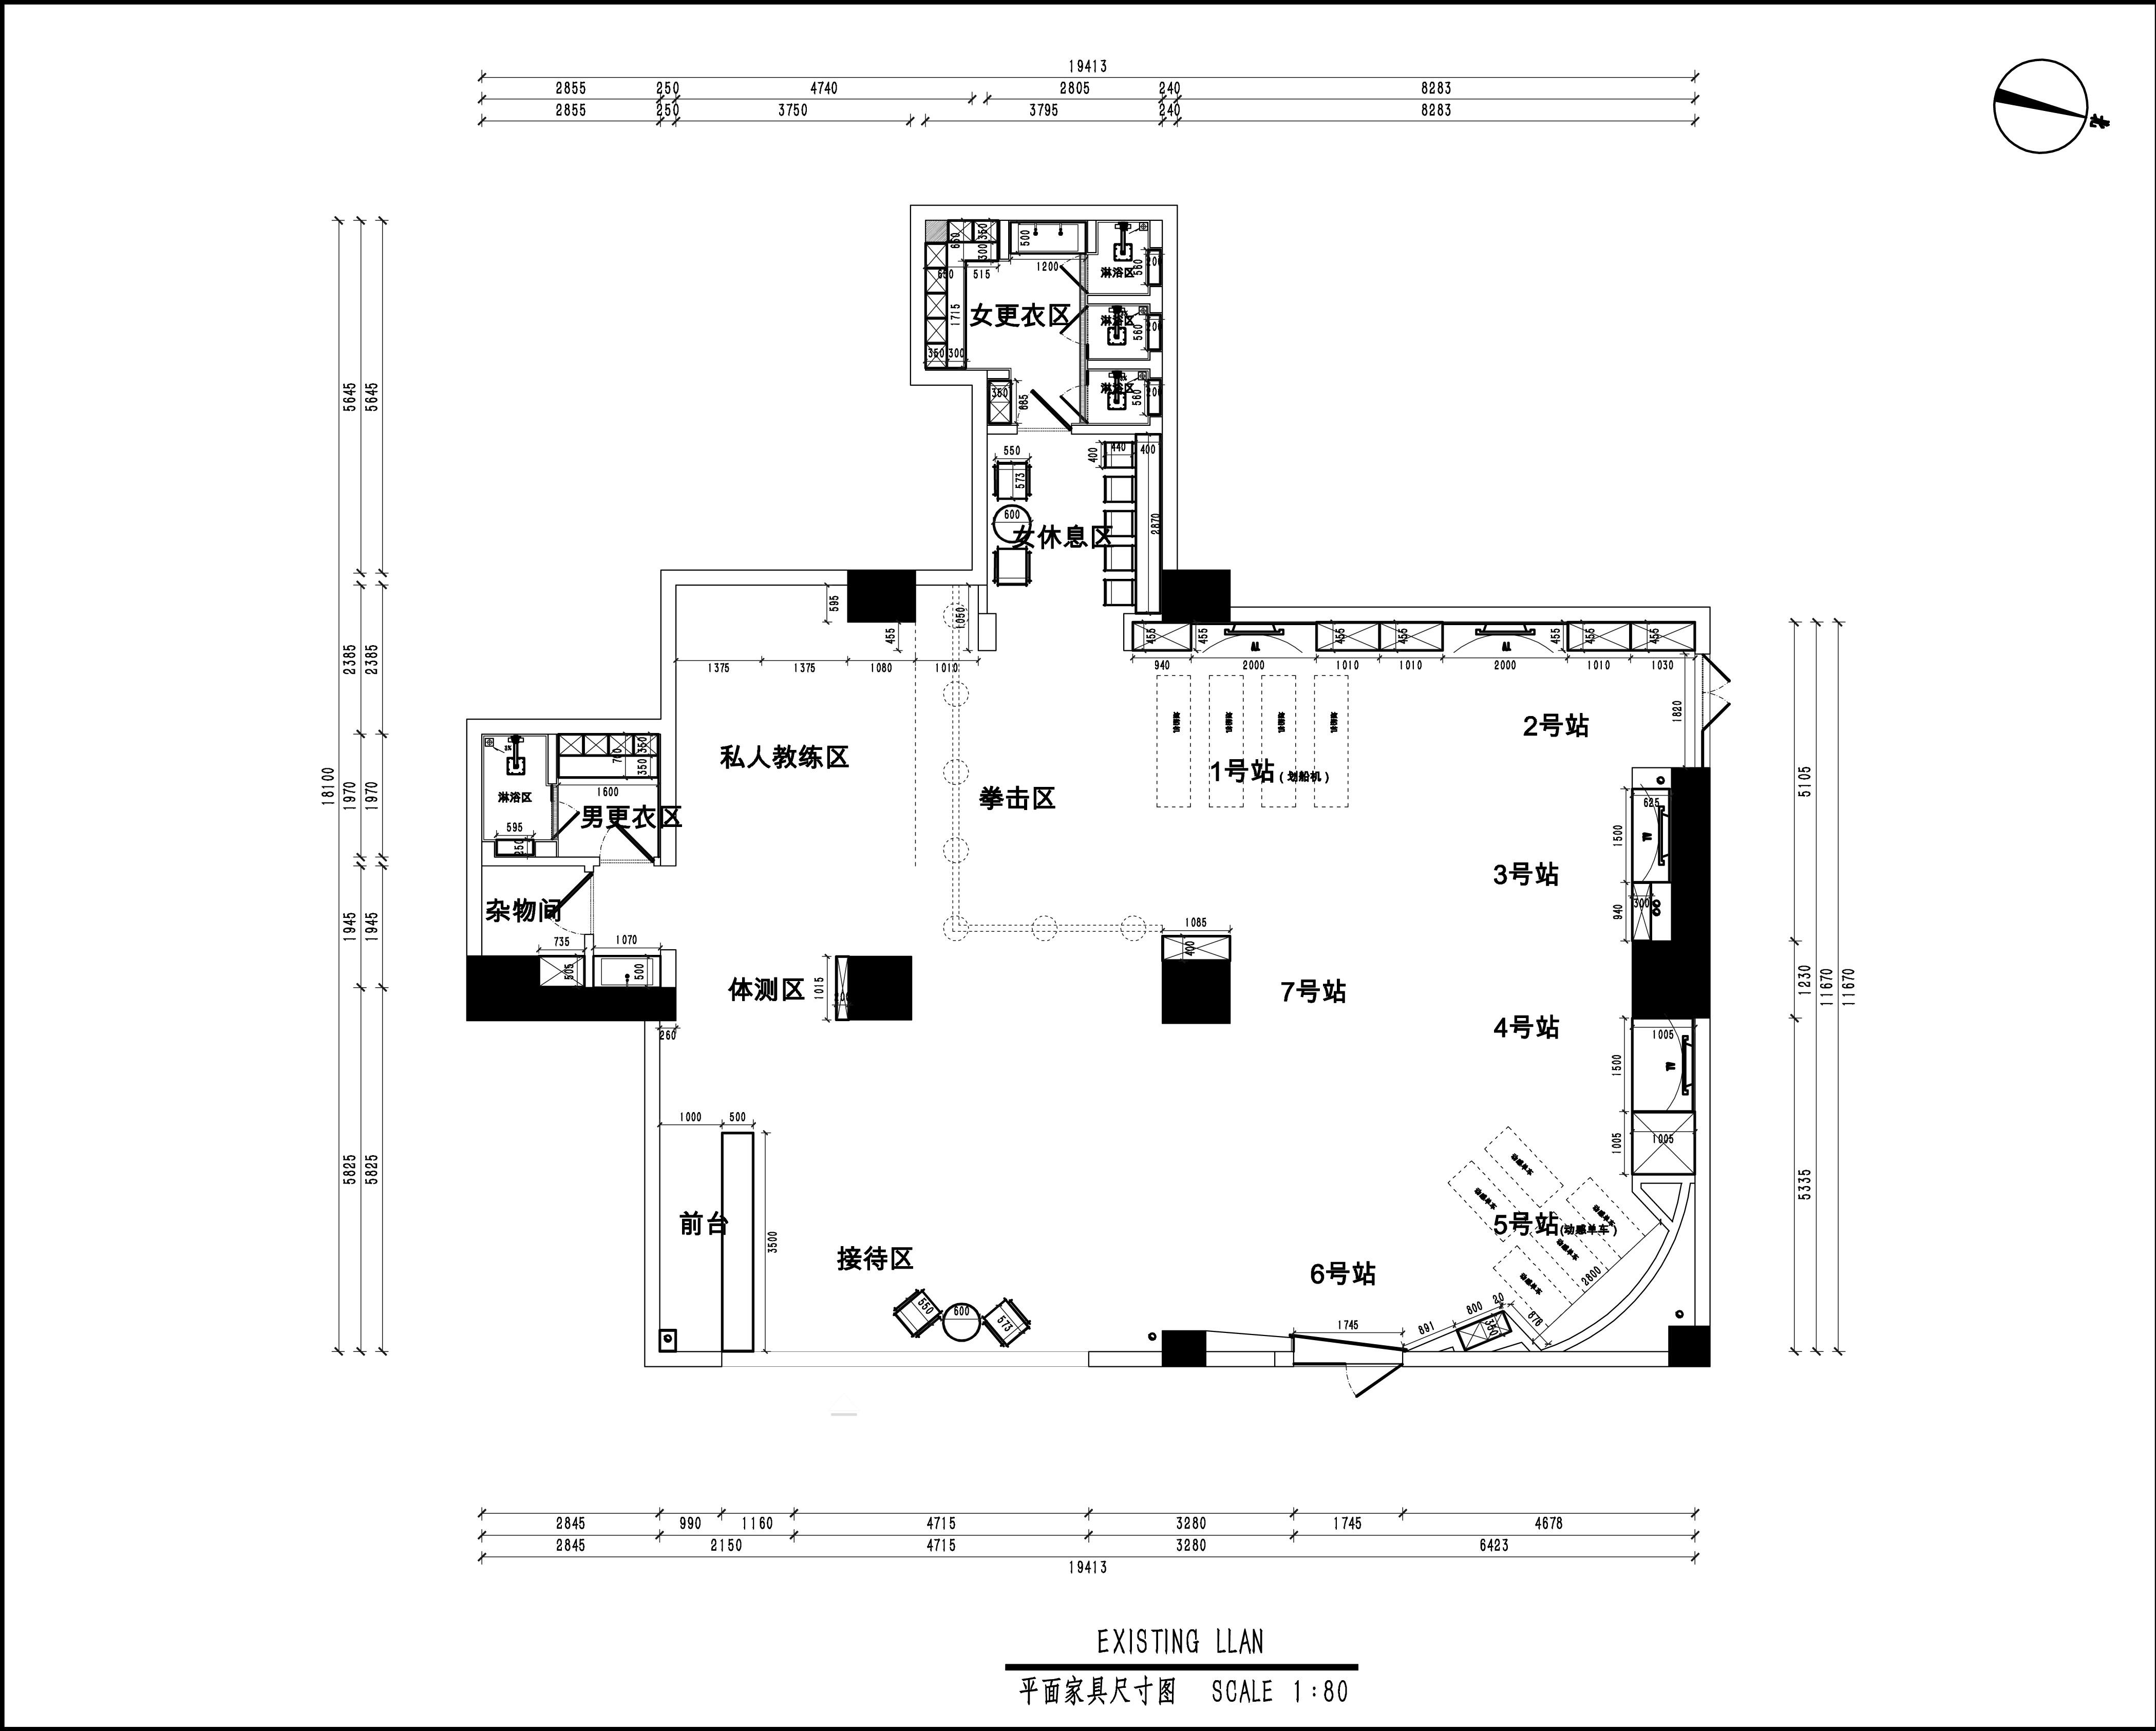 深圳市南光花园 248平米 现代风格 健身房装修效果图装修设计理念